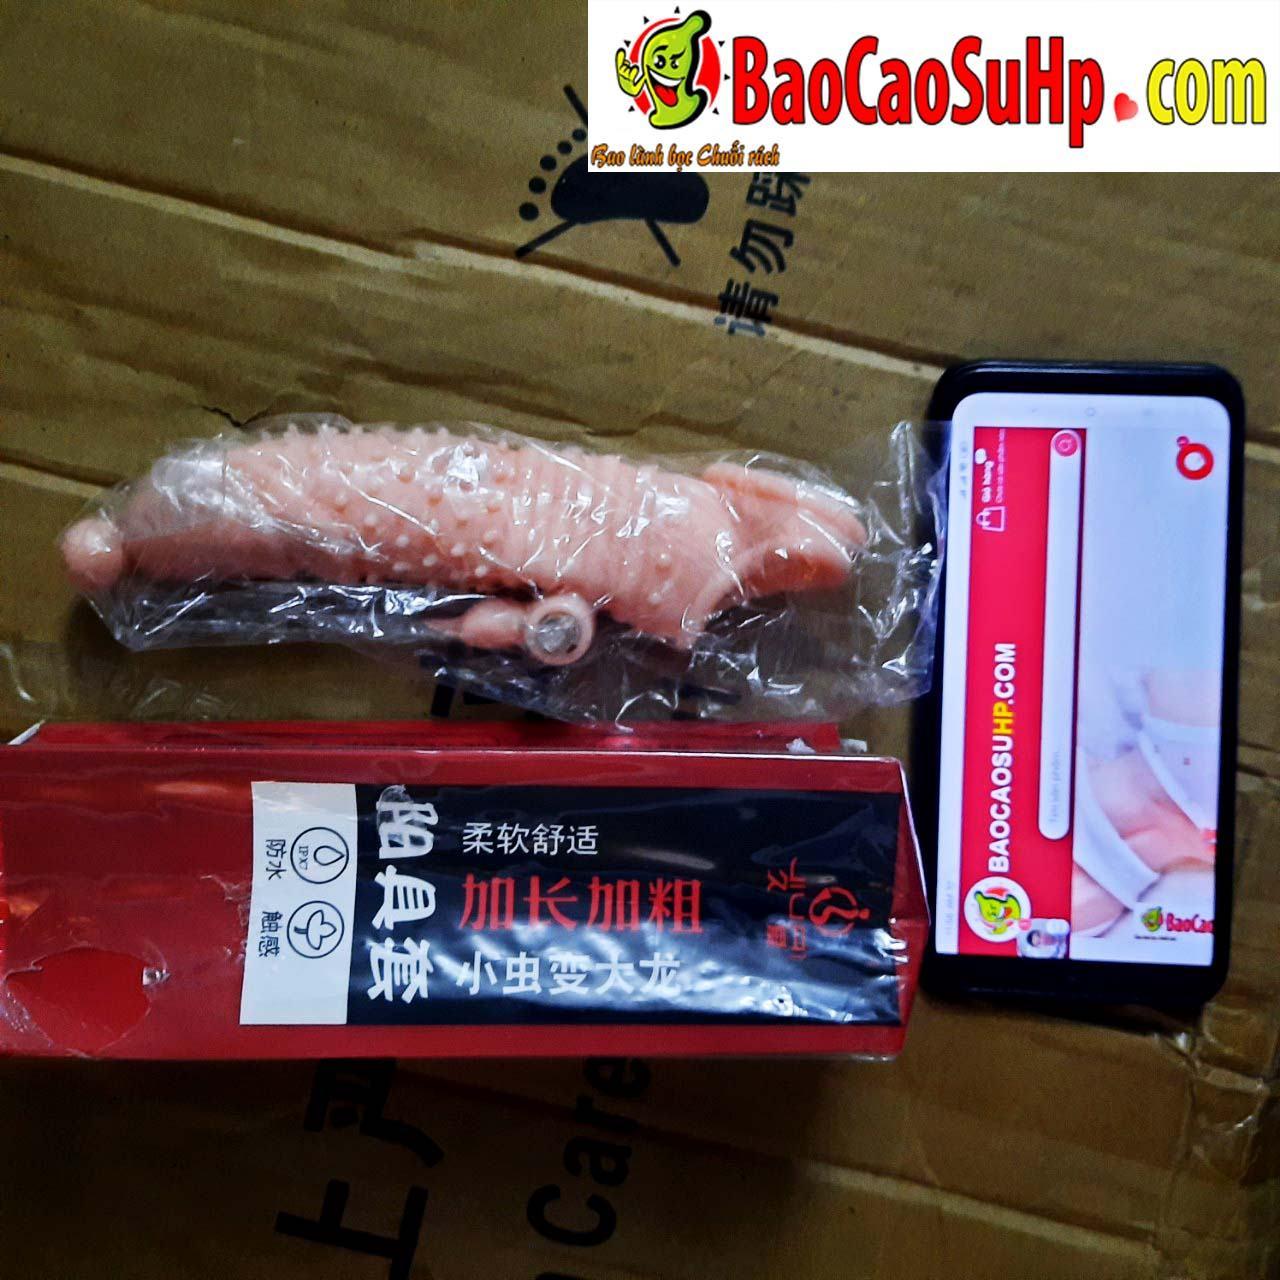 Bao cao su donden Menpro gai gan bi khung - Các loại sextoy đồ chơi người lớn Mông nguyên khối hàng về shop 01.09.2020